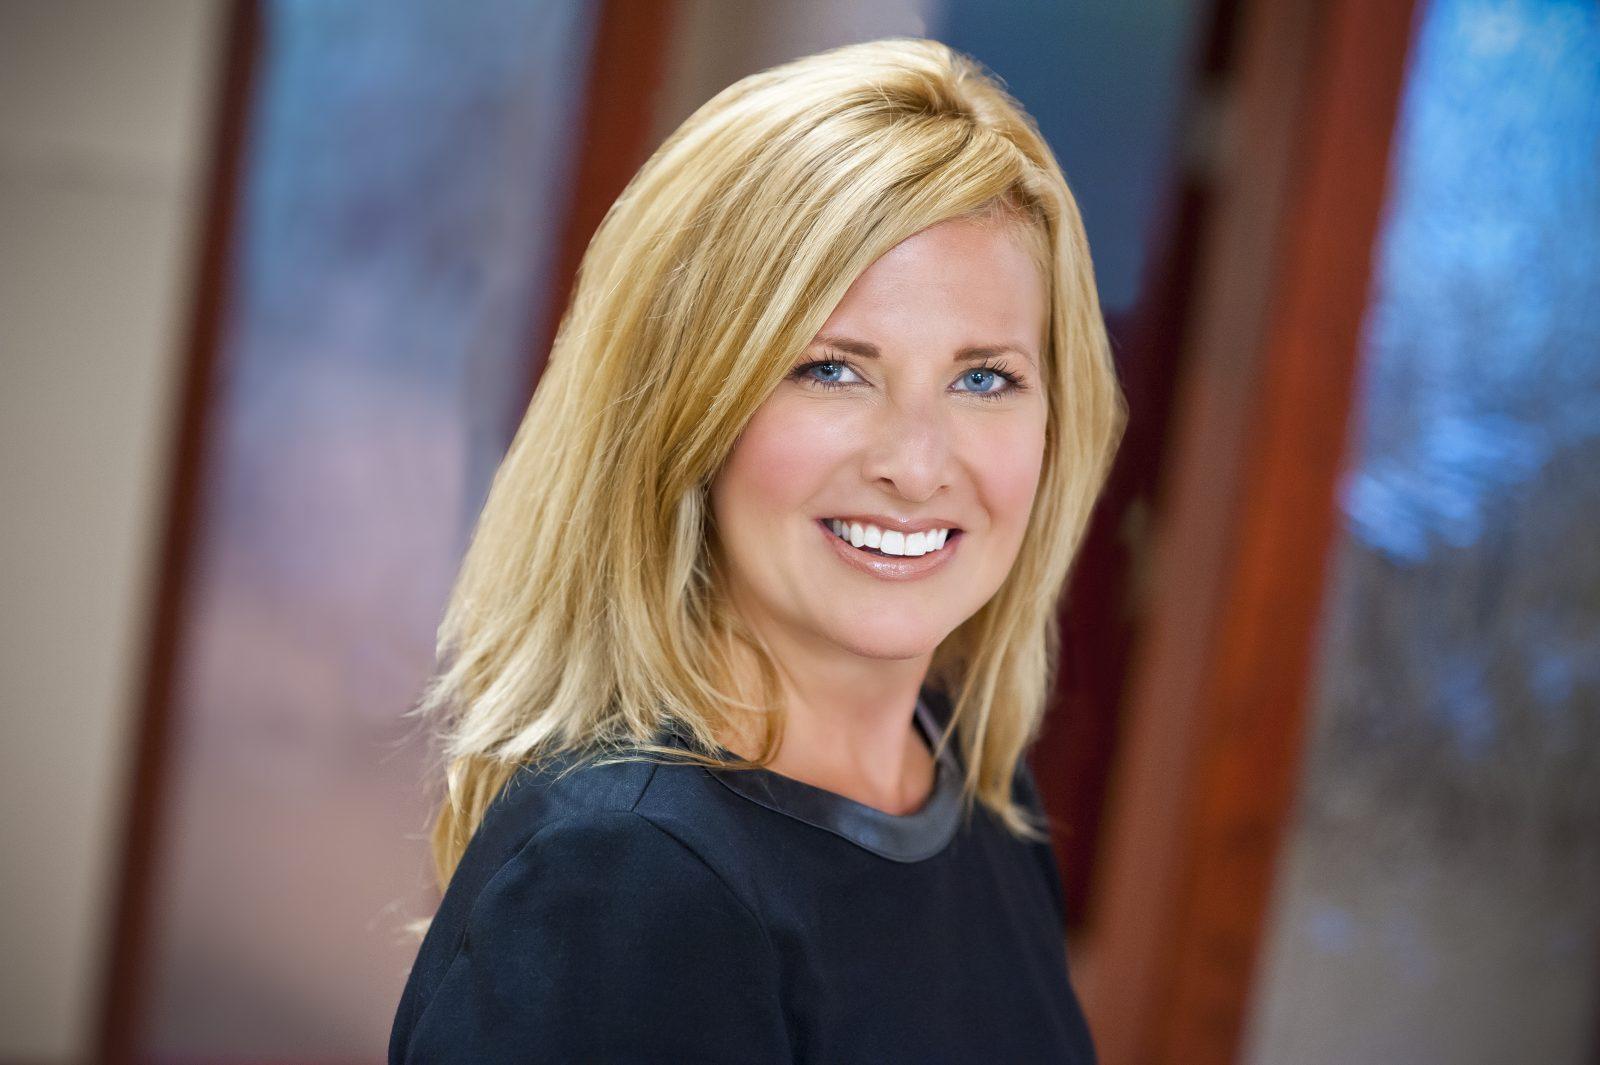 Cheryl Aschenbrener